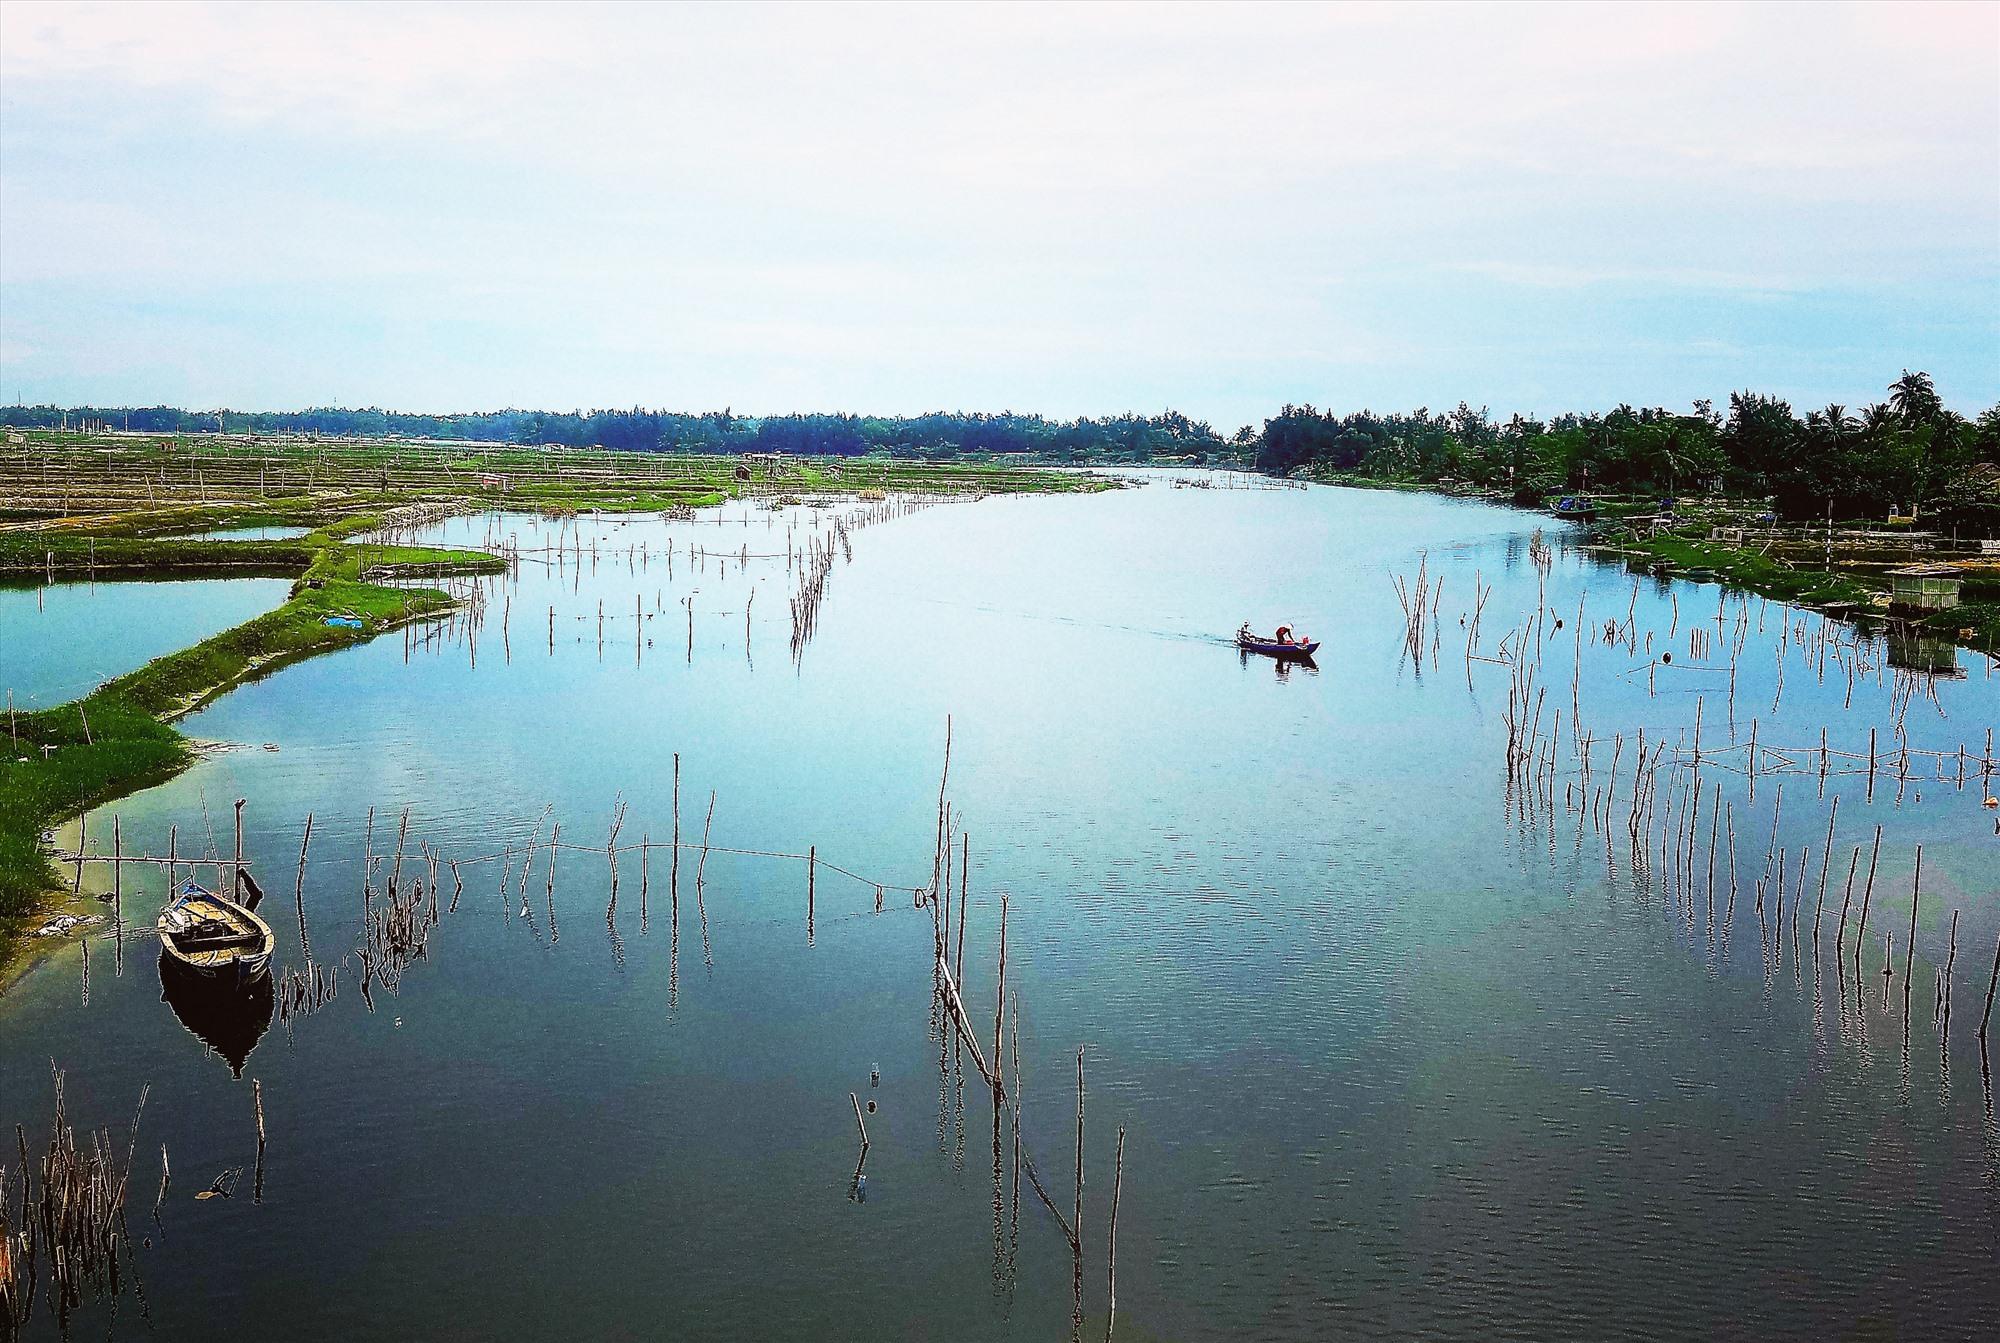 Cắm chươm khai thác thủy sản trên sông Trường Giang đoạn qua Tam Kỳ. Ảnh: Q.T